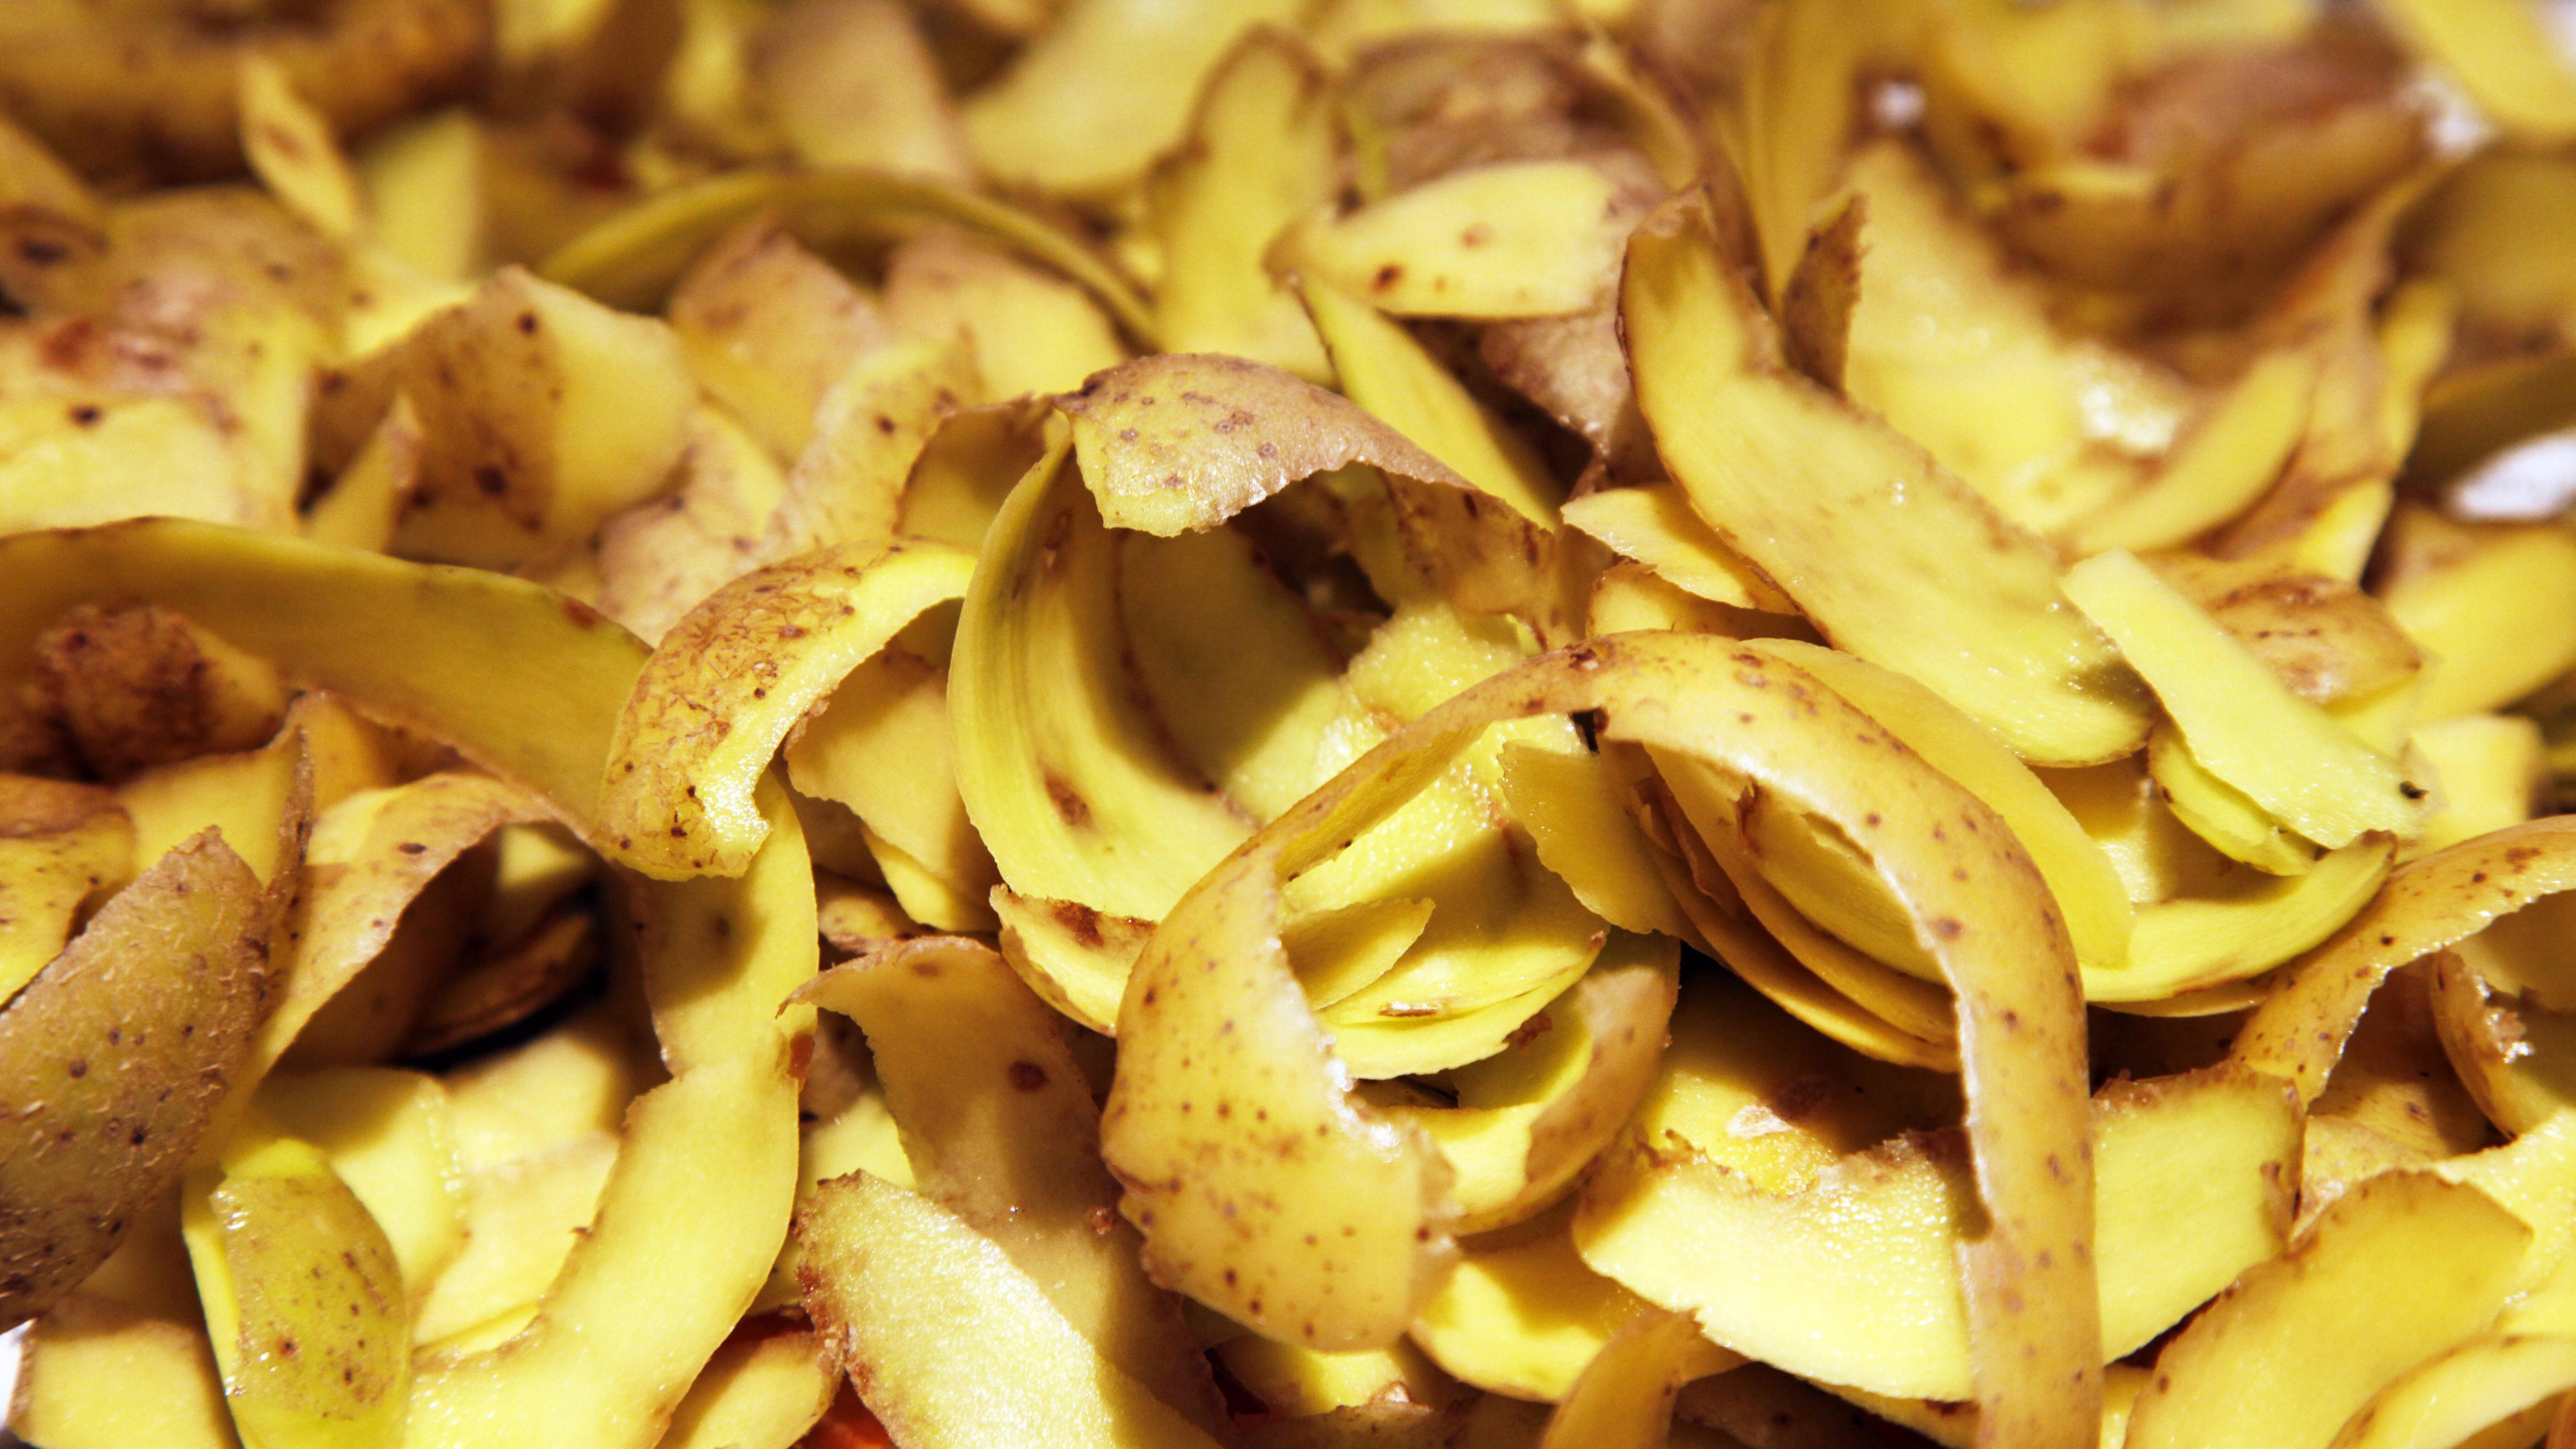 Kartoffelschalen lassen sich zu Grill-/Ofenanzündern verwerten.